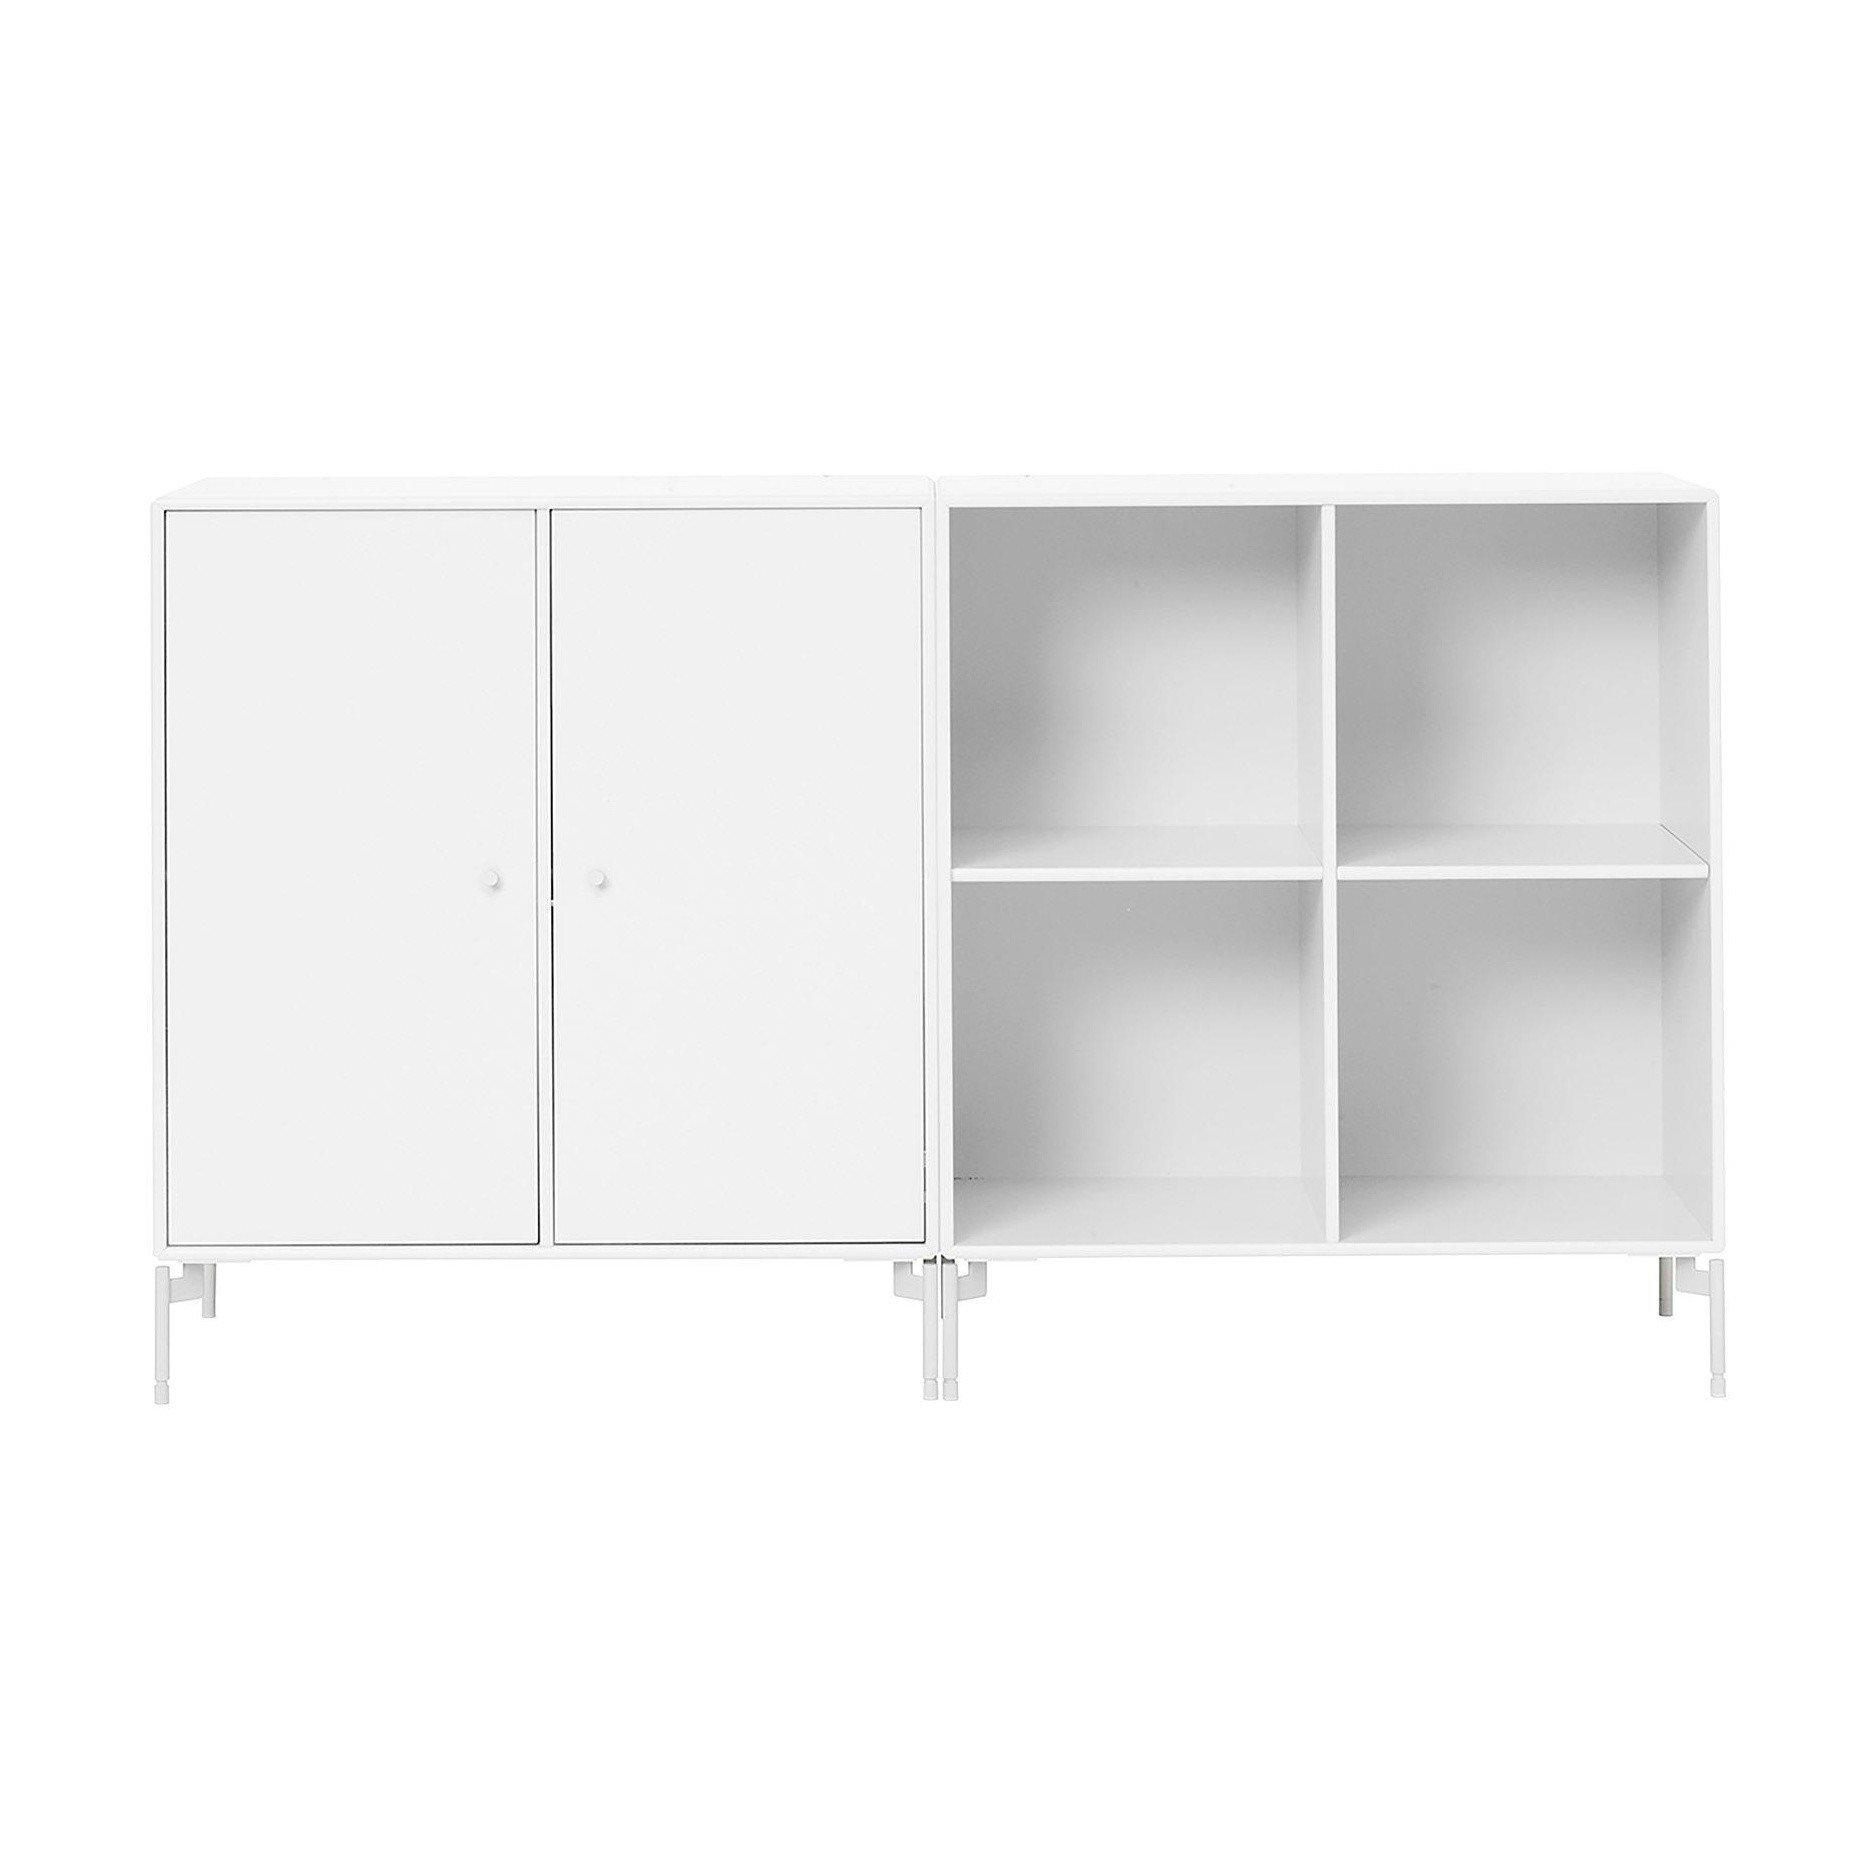 Malerisch Sideboard Mit Füßen Beste Wahl Montana - Pair 139,2x82,2x38cm - New White